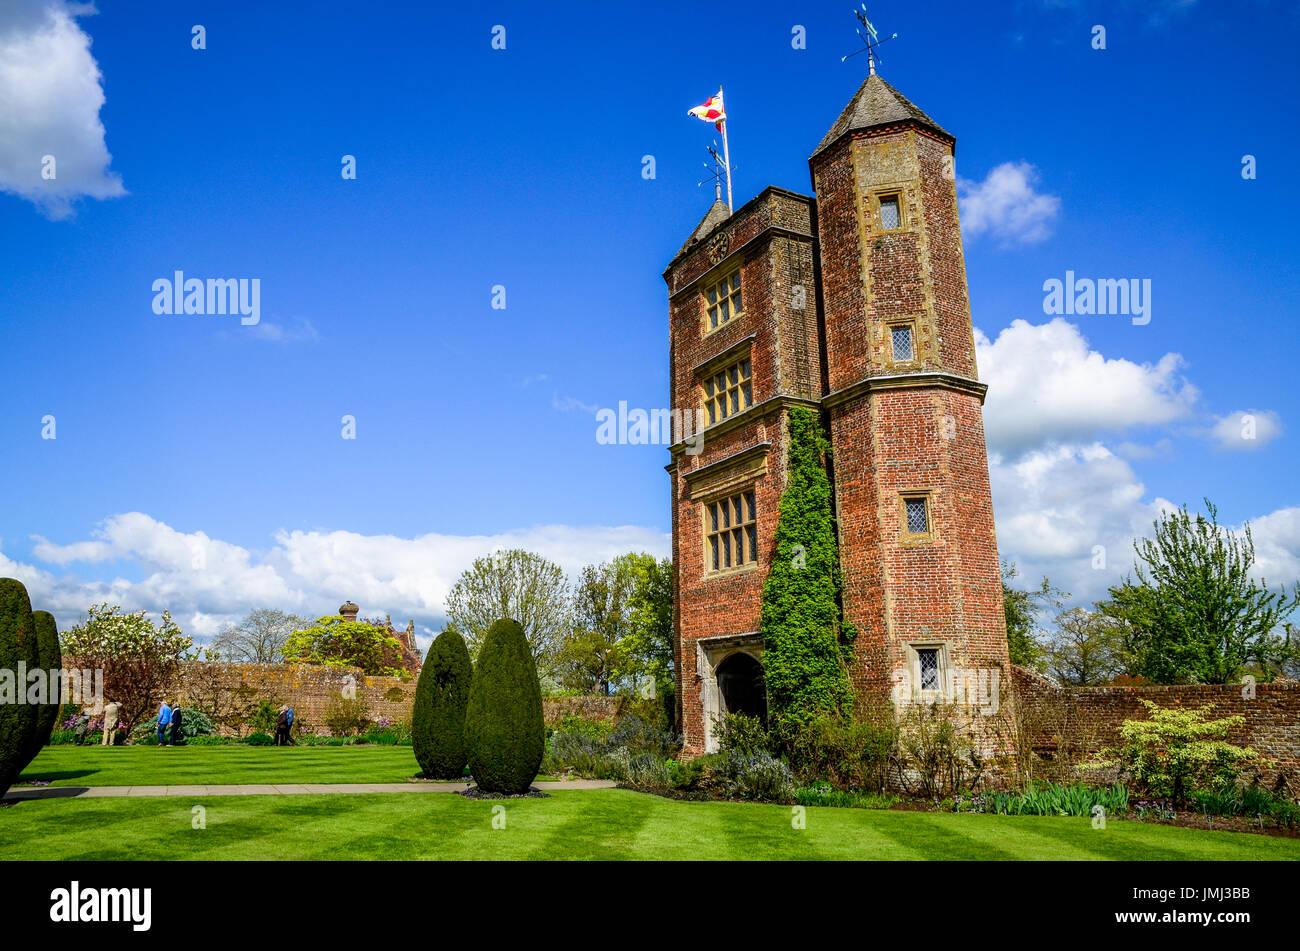 The Elizabethan tower at Sissinghurst Castle Garden in Kent - Stock Image